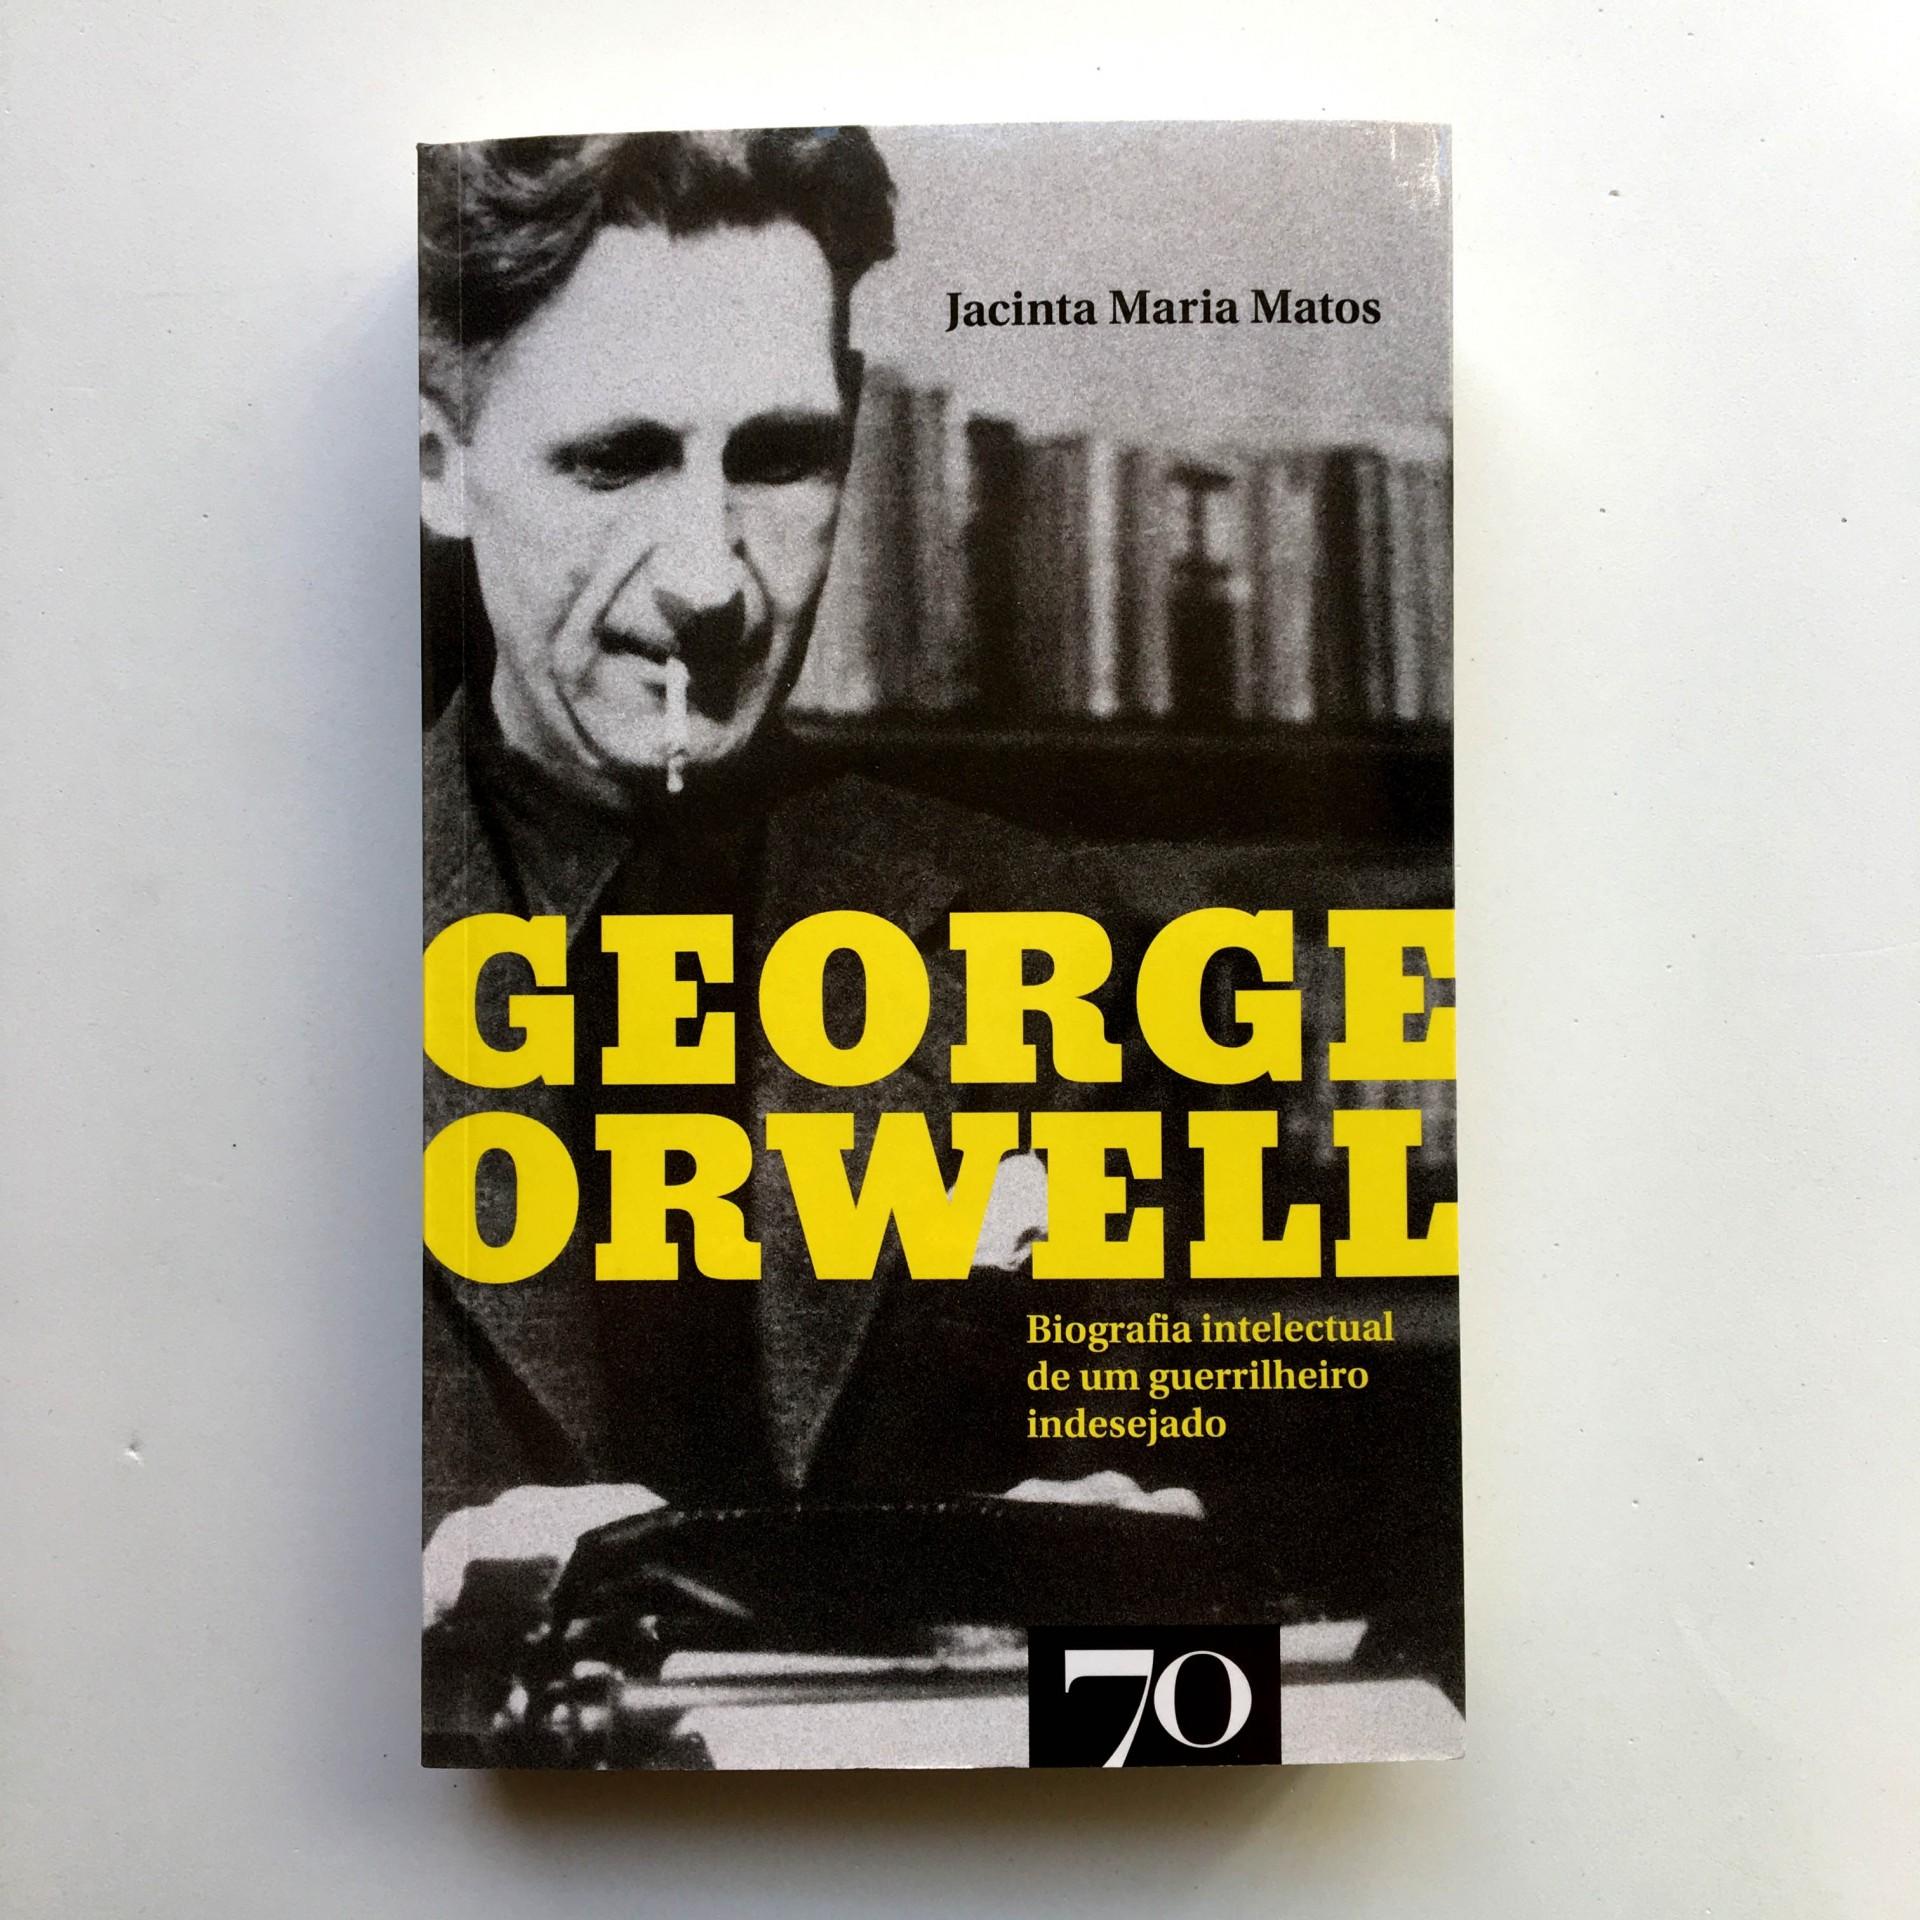 George Orwell: biografia intelectual de um guerrilheiro indesejado